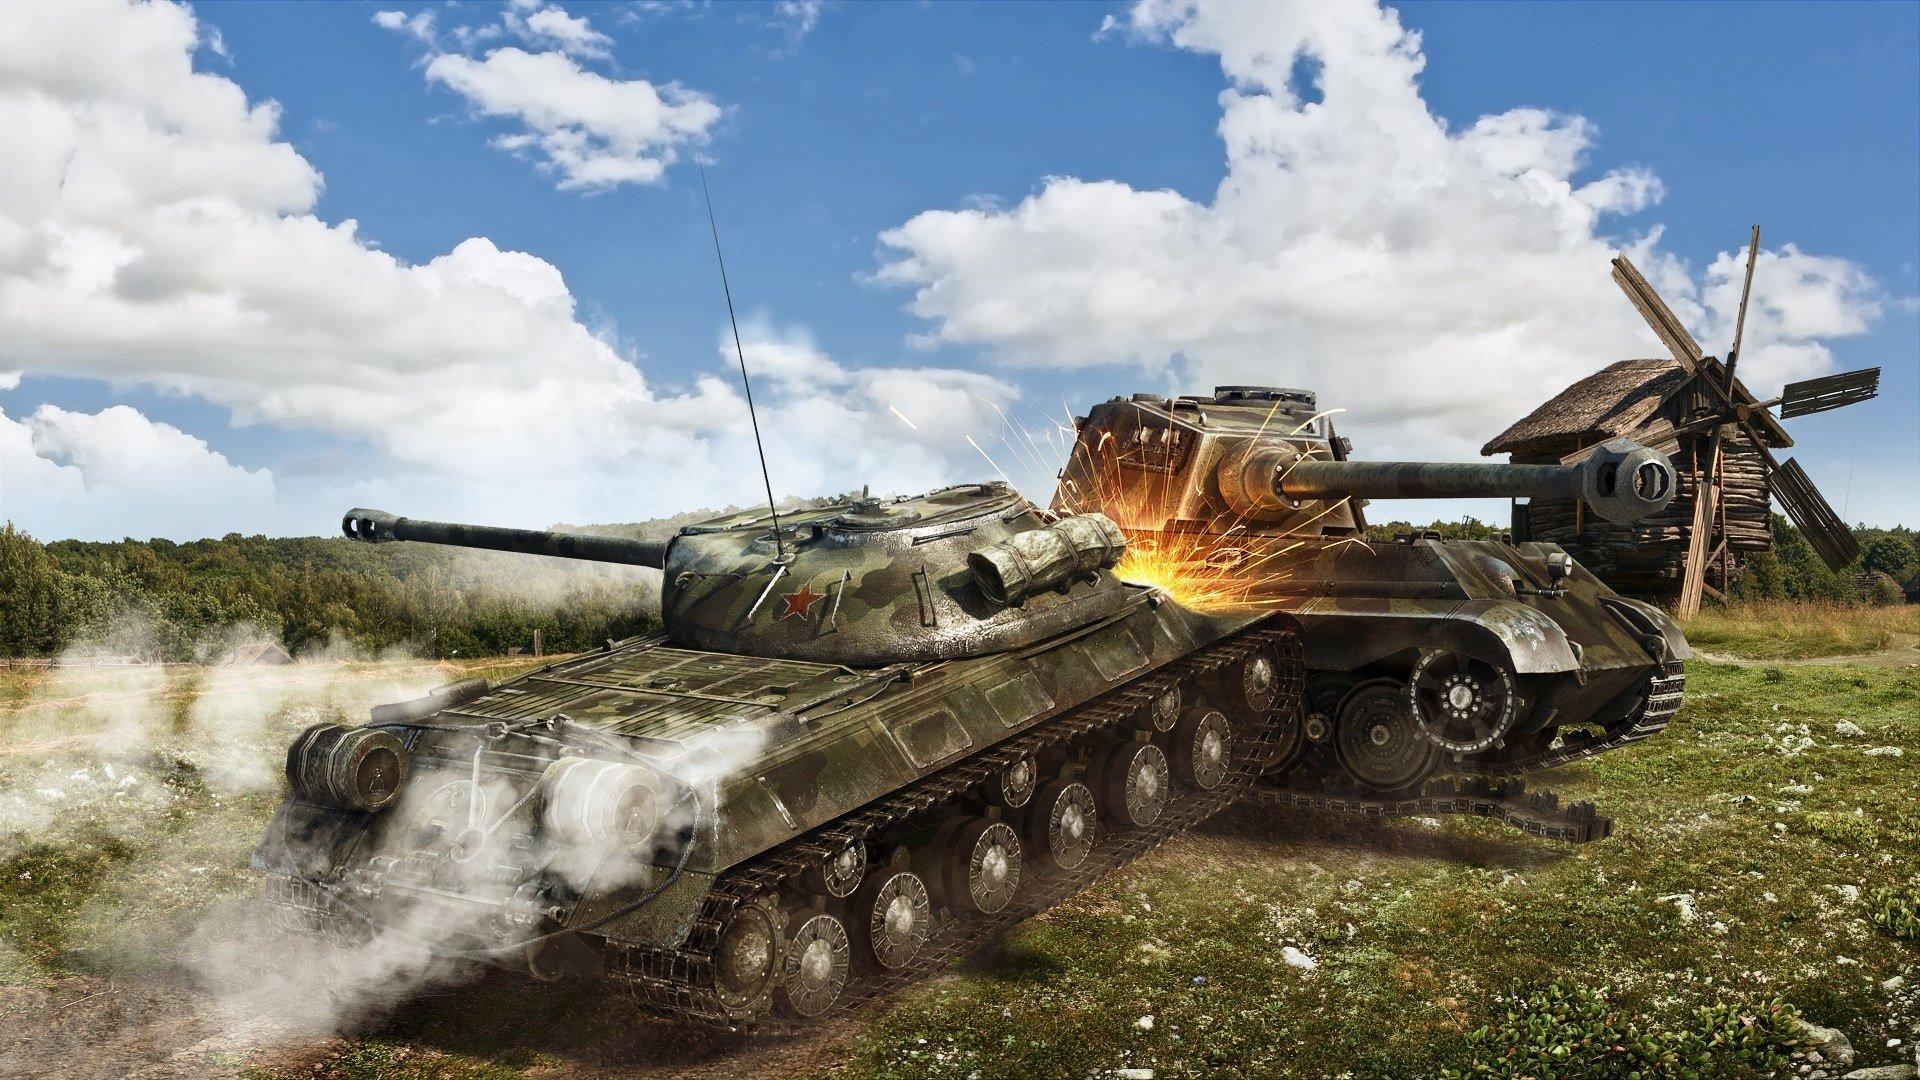 Обои тигр танк на рабочий стол 4